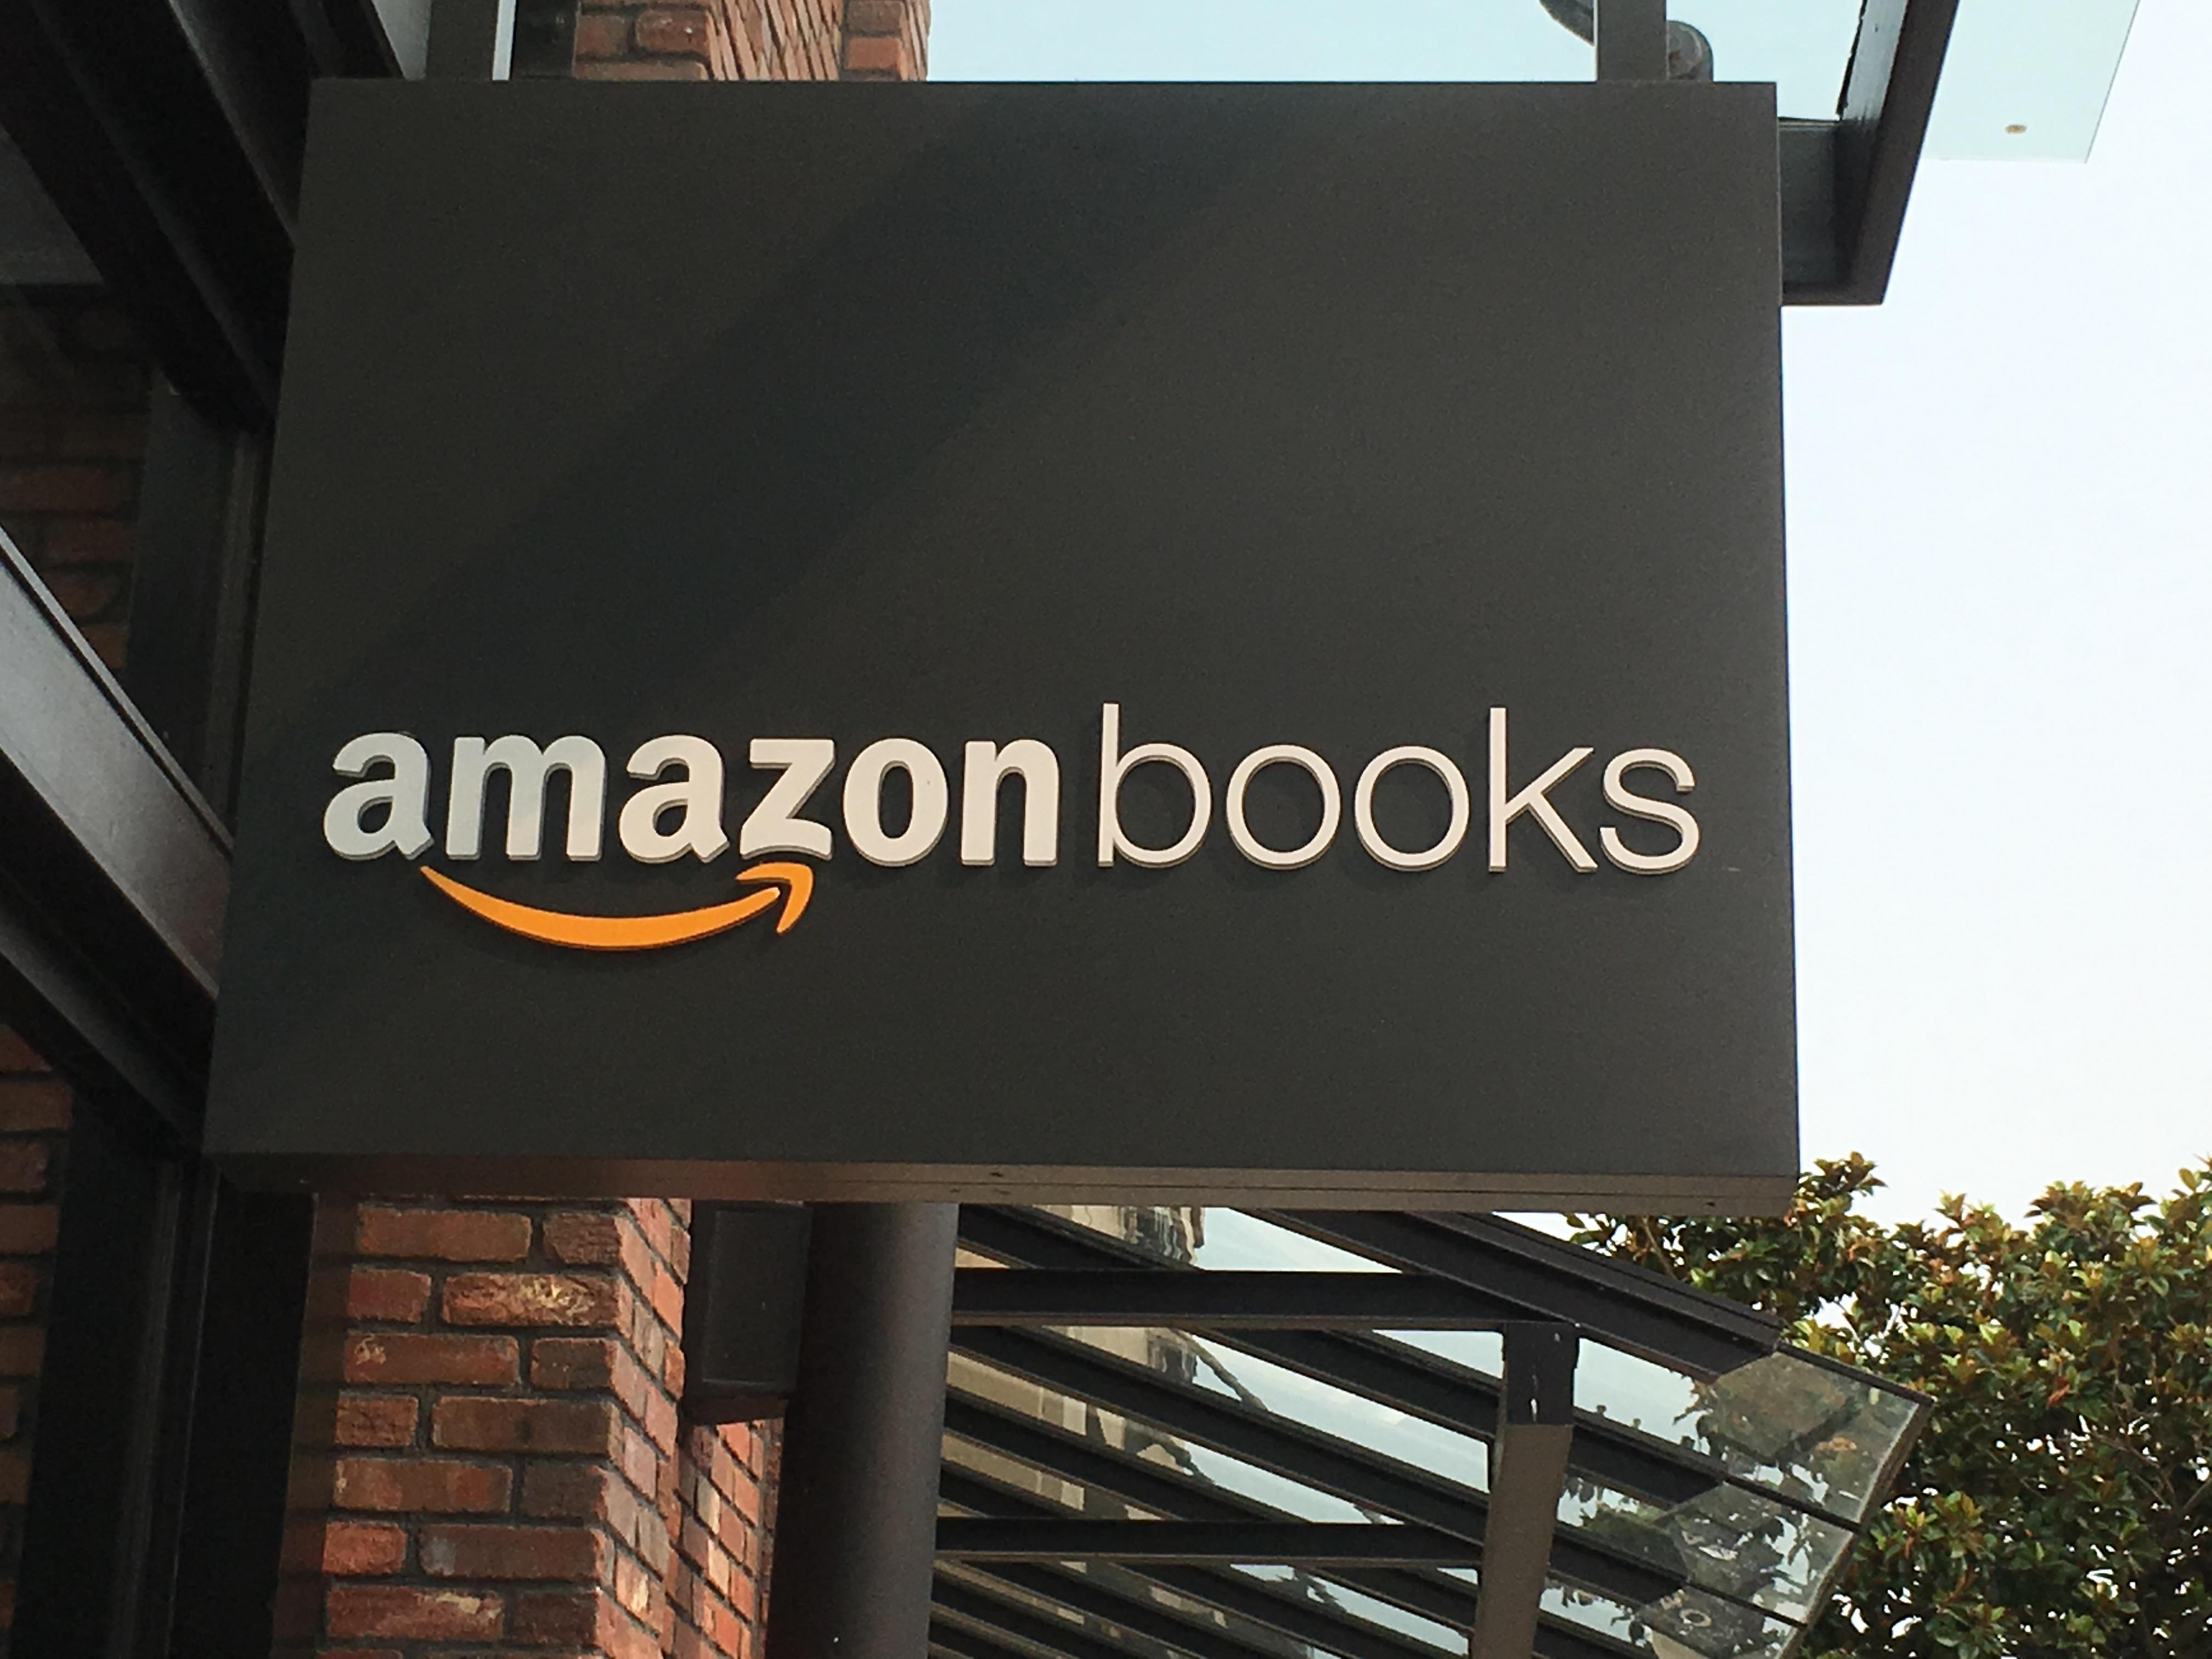 【米国ベンチャーレポート】Amazonのリアル店舗「Amazon Books」に行ってみた